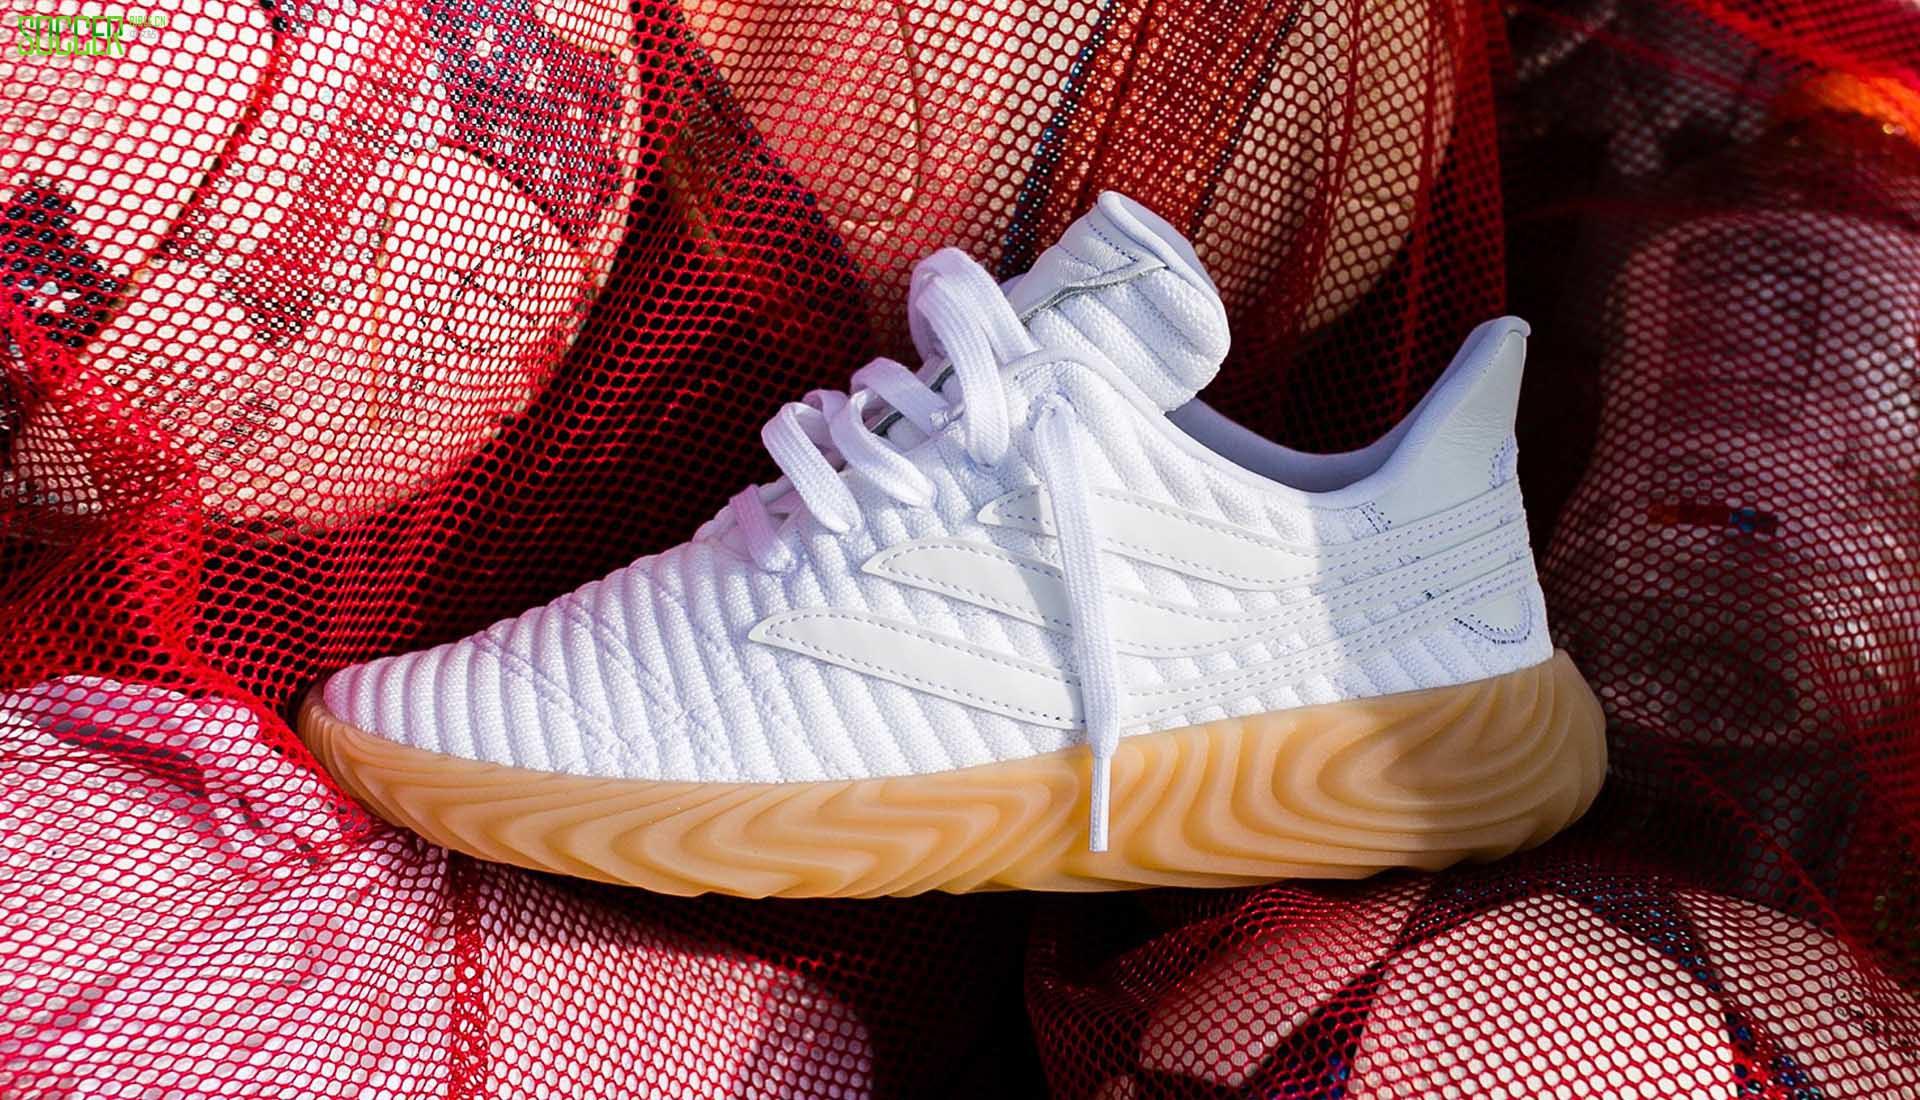 足球主题继续风靡 阿迪达斯推出全新Sobakov鞋款